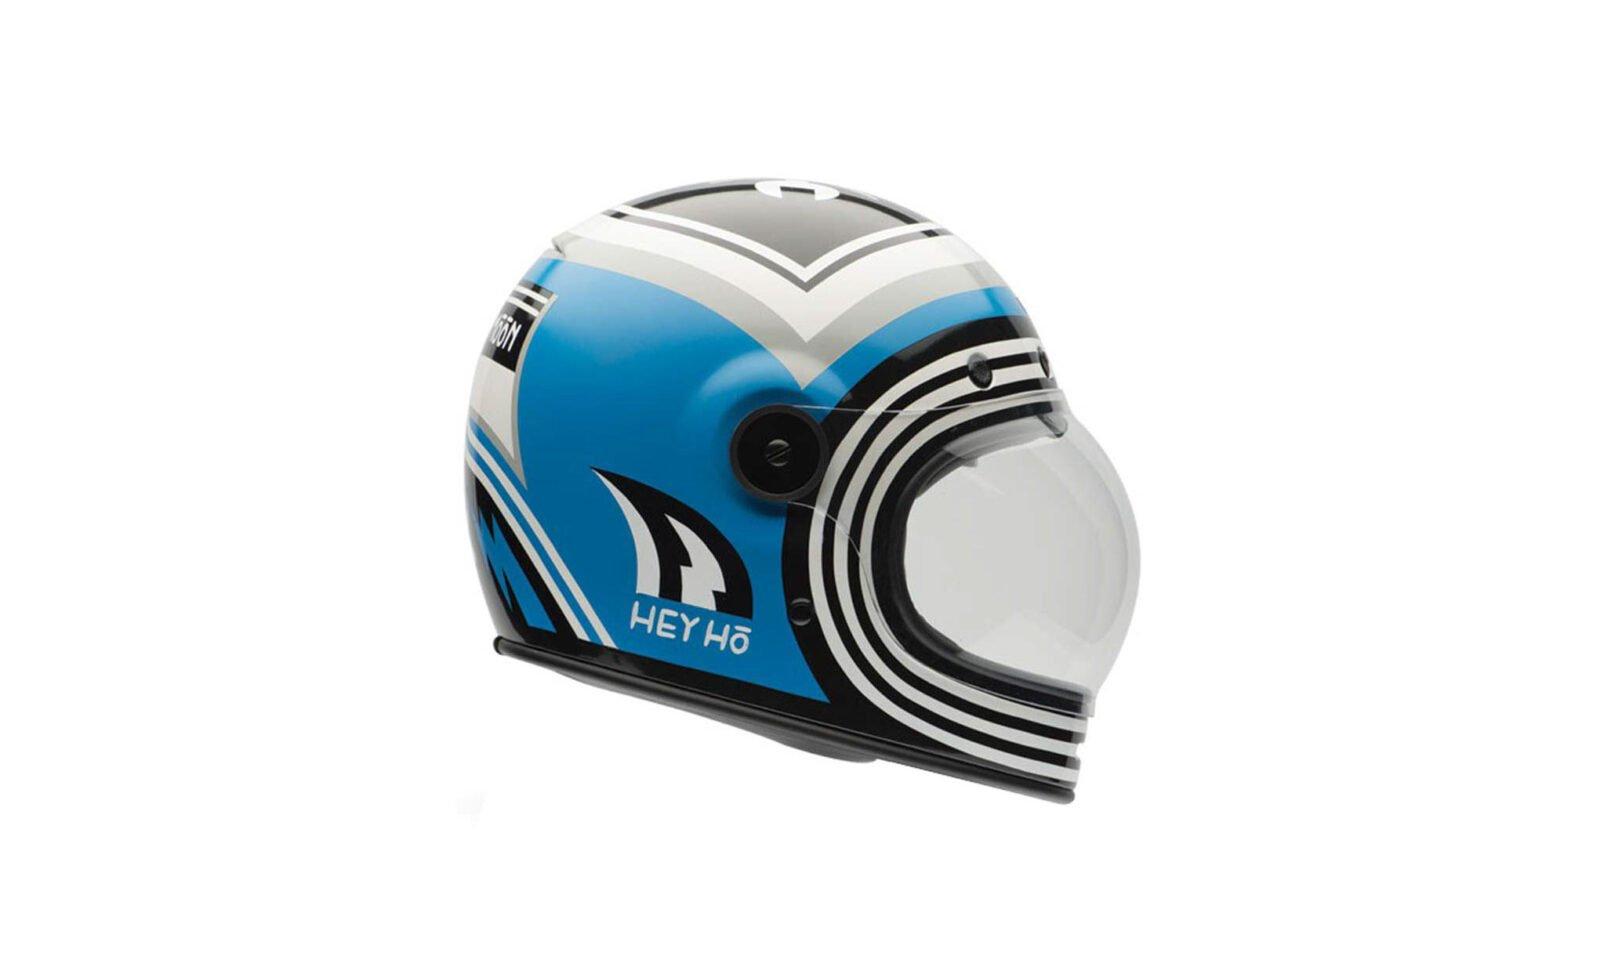 Bell Bullitt Barn Fresh Helmet 1600x978 - Bell x Barn Fresh Bullitt Helmet